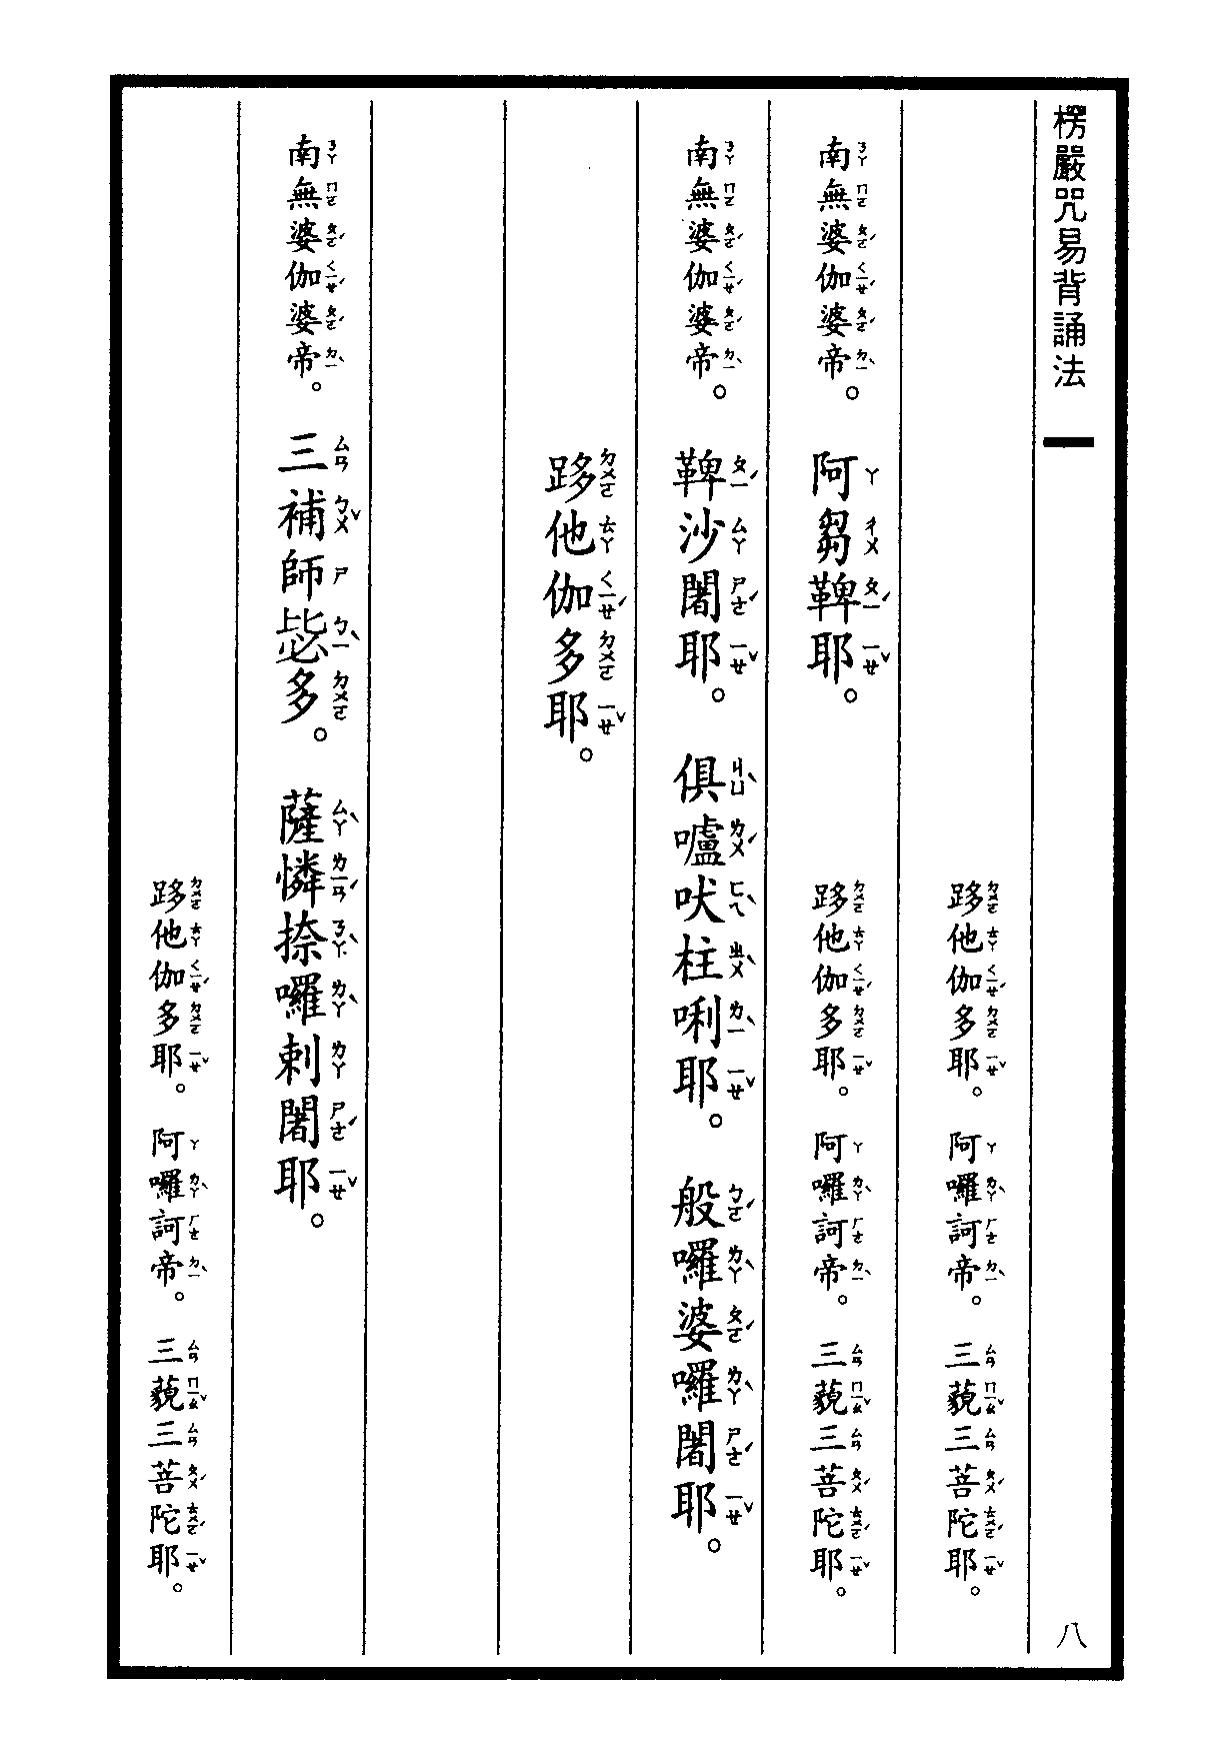 楞嚴咒-大悲咒-十小咒-易背本 14.png